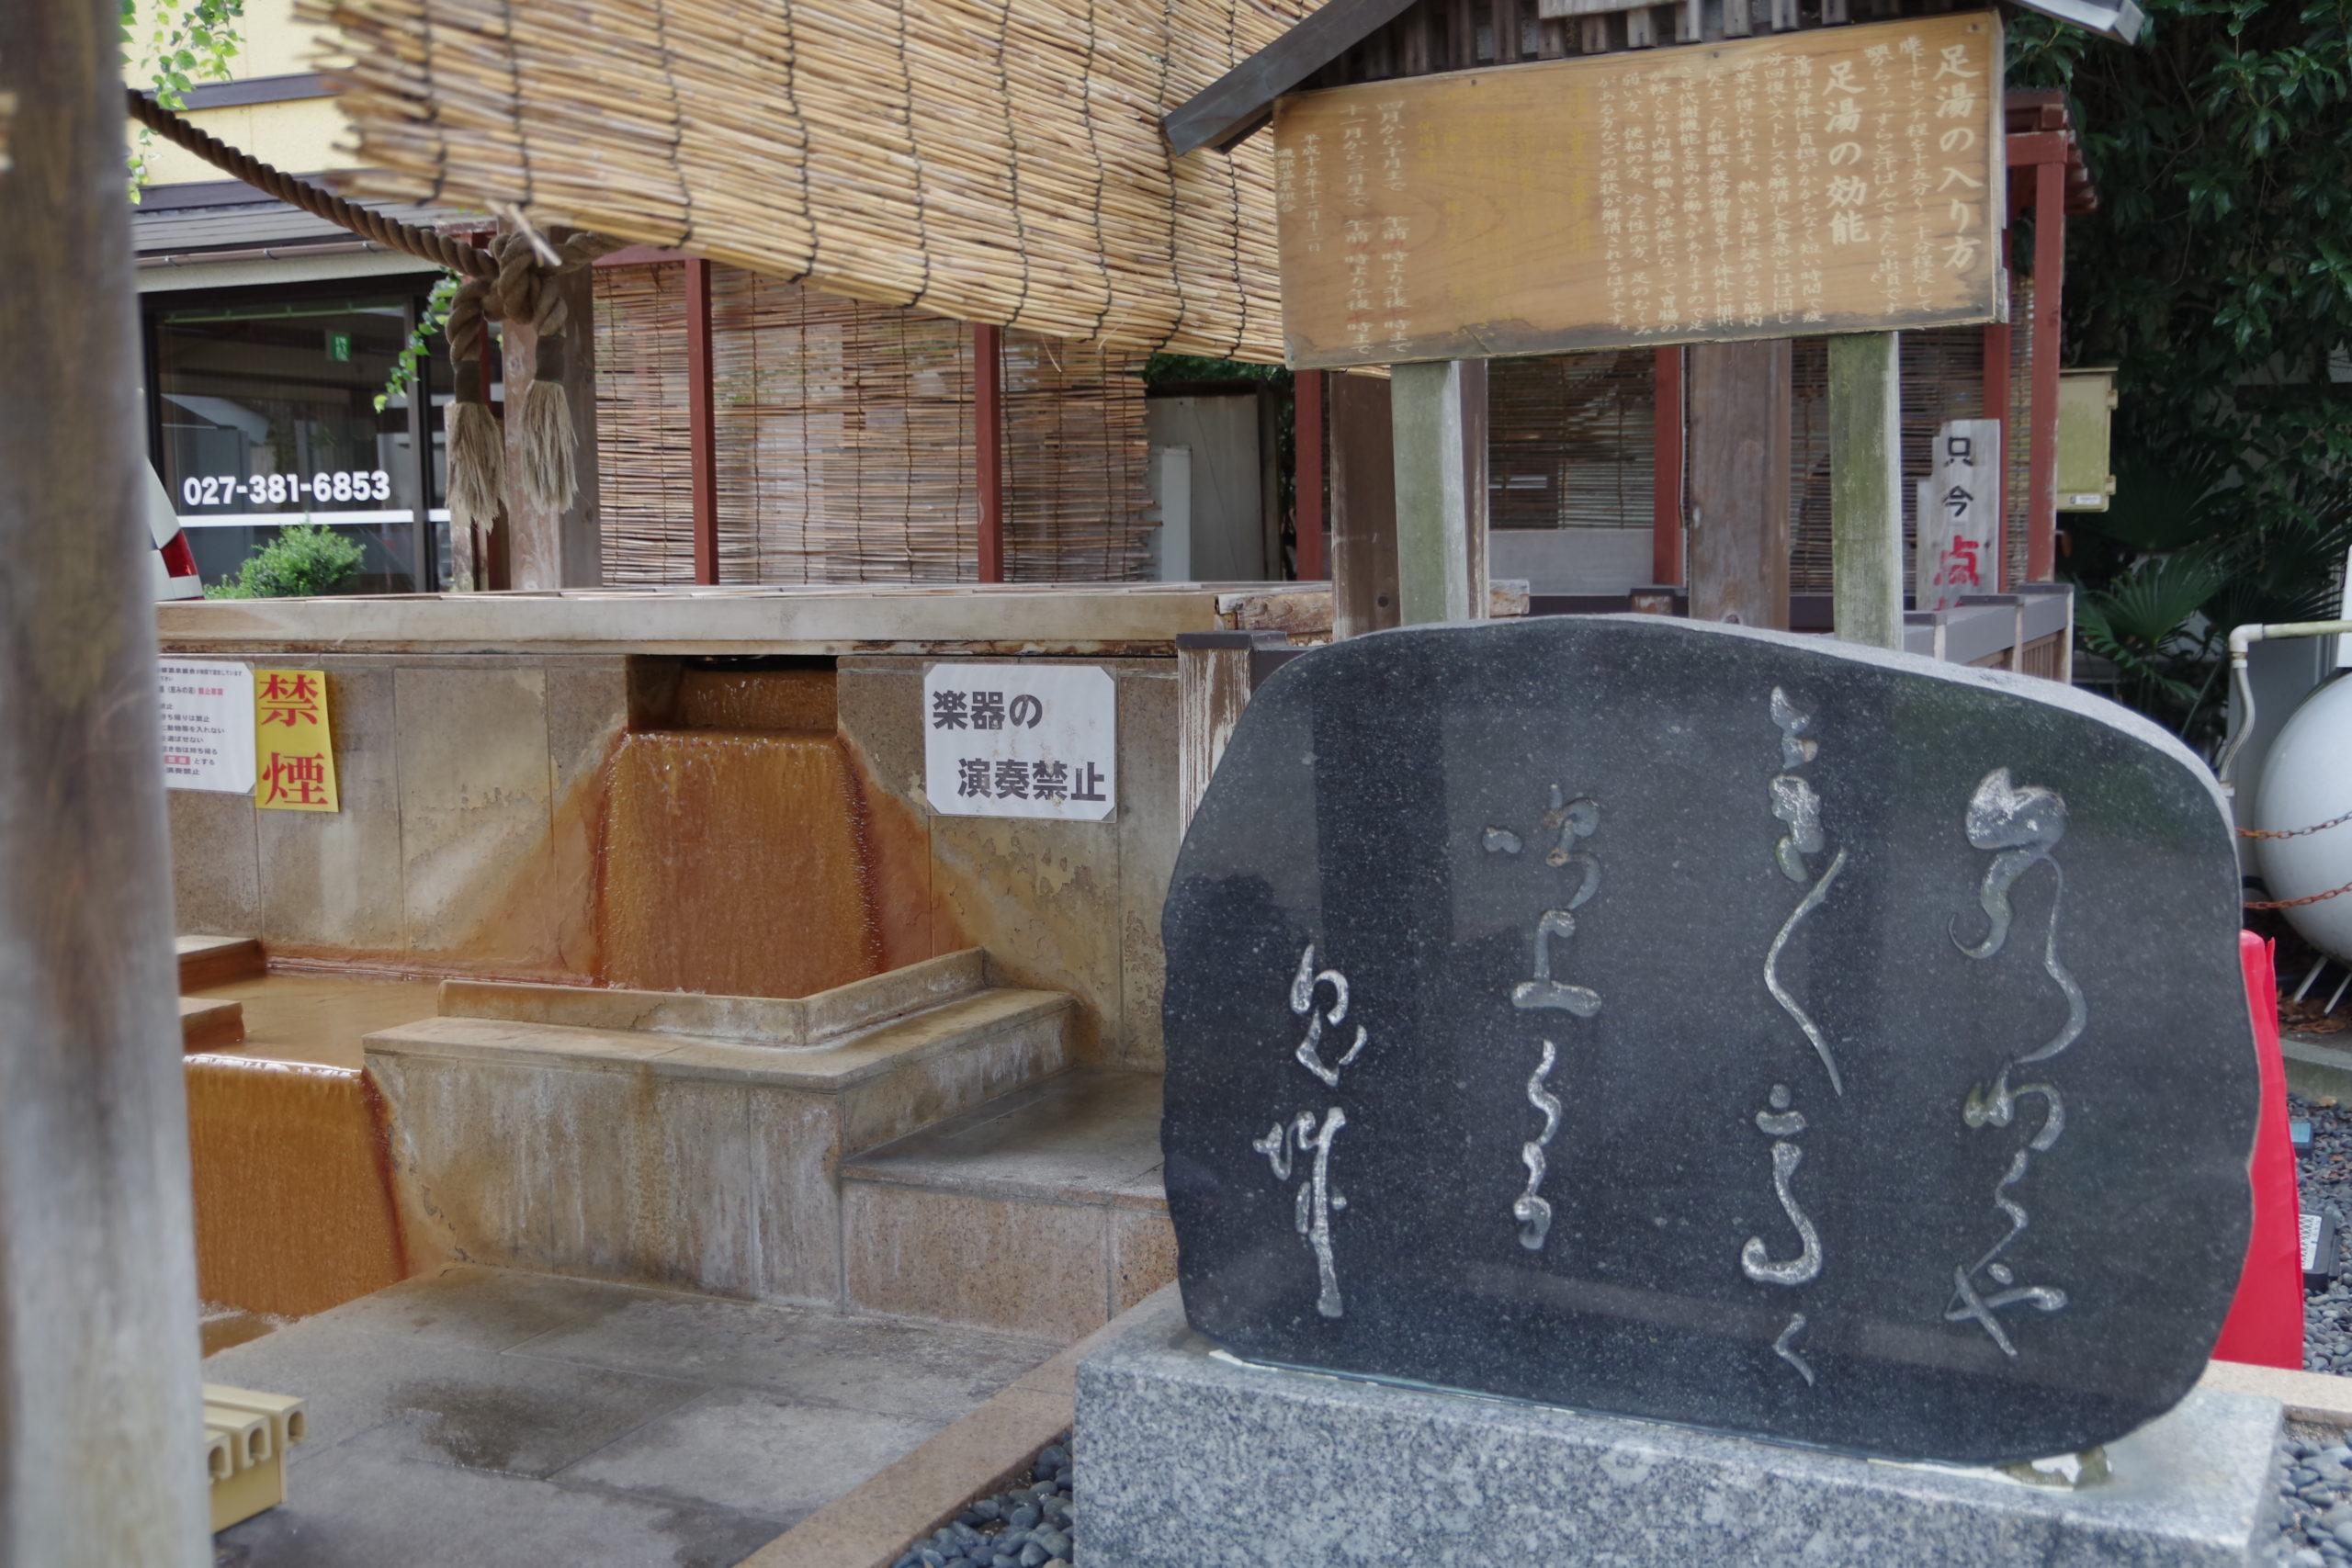 磯部温泉 恋人の聖地 石碑